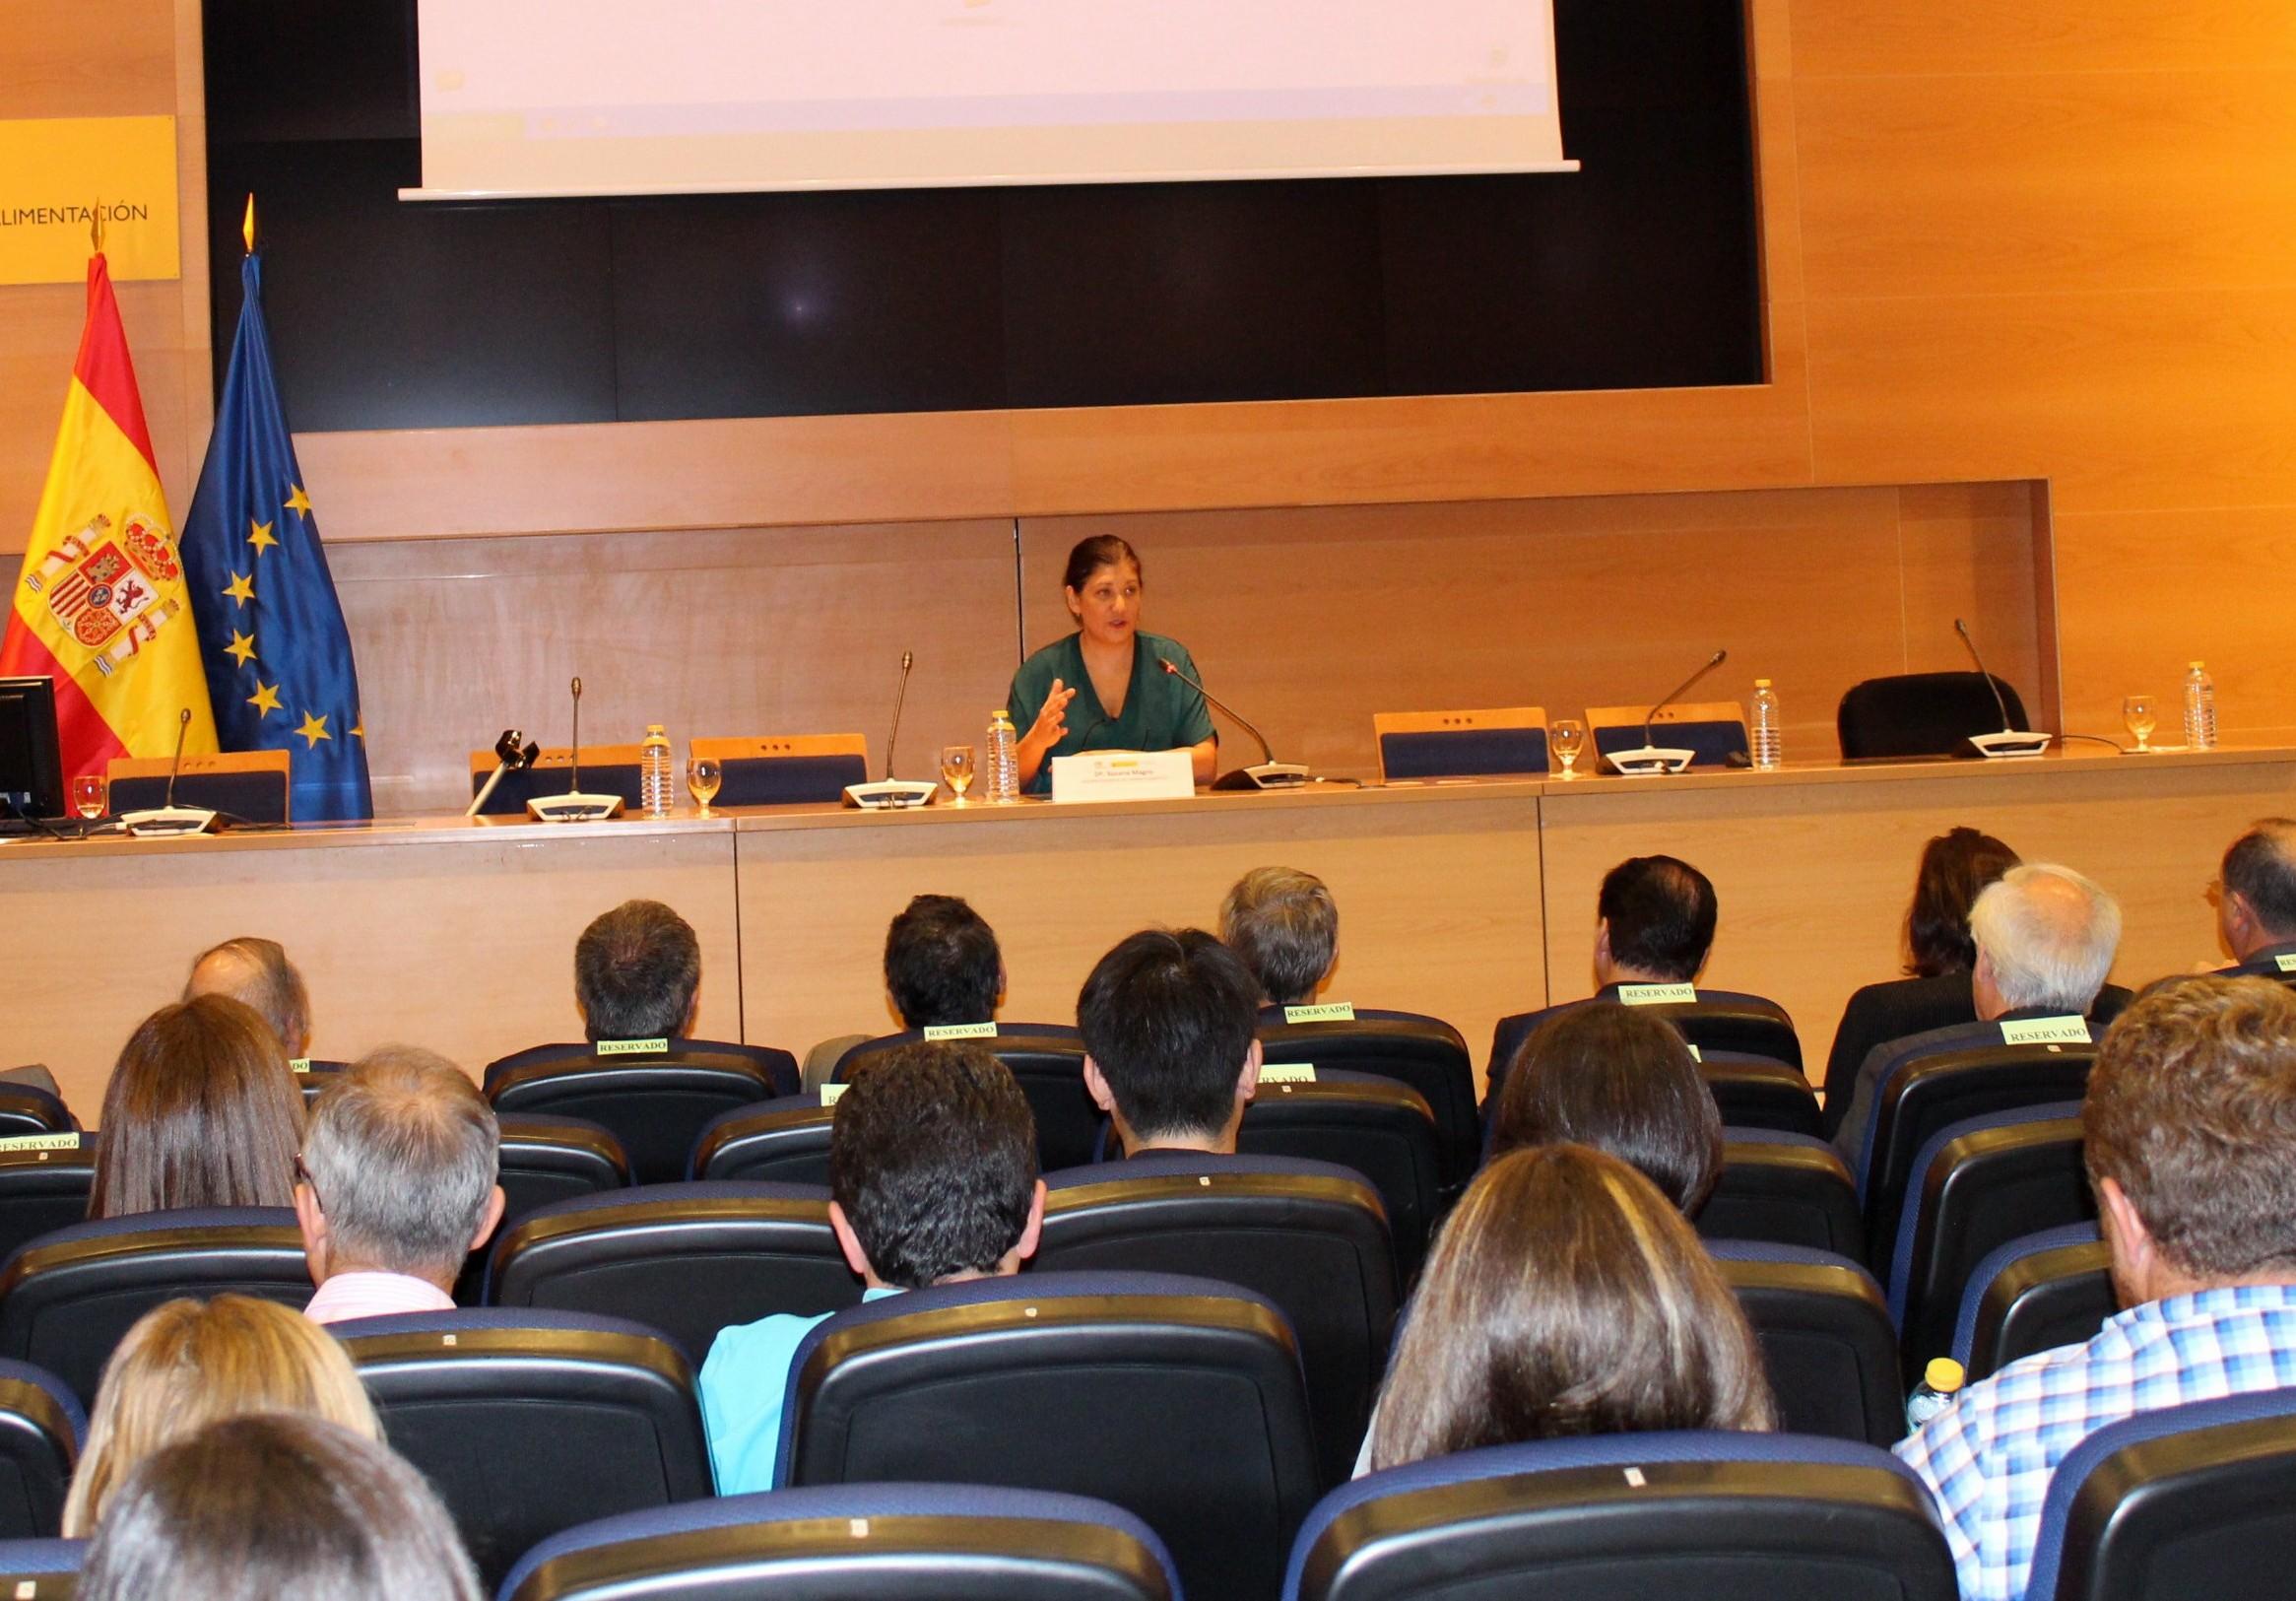 La directora general de Cambio Climático, Susana Magro, en las jornadas. Fuente: Ministerio de Agricultura.